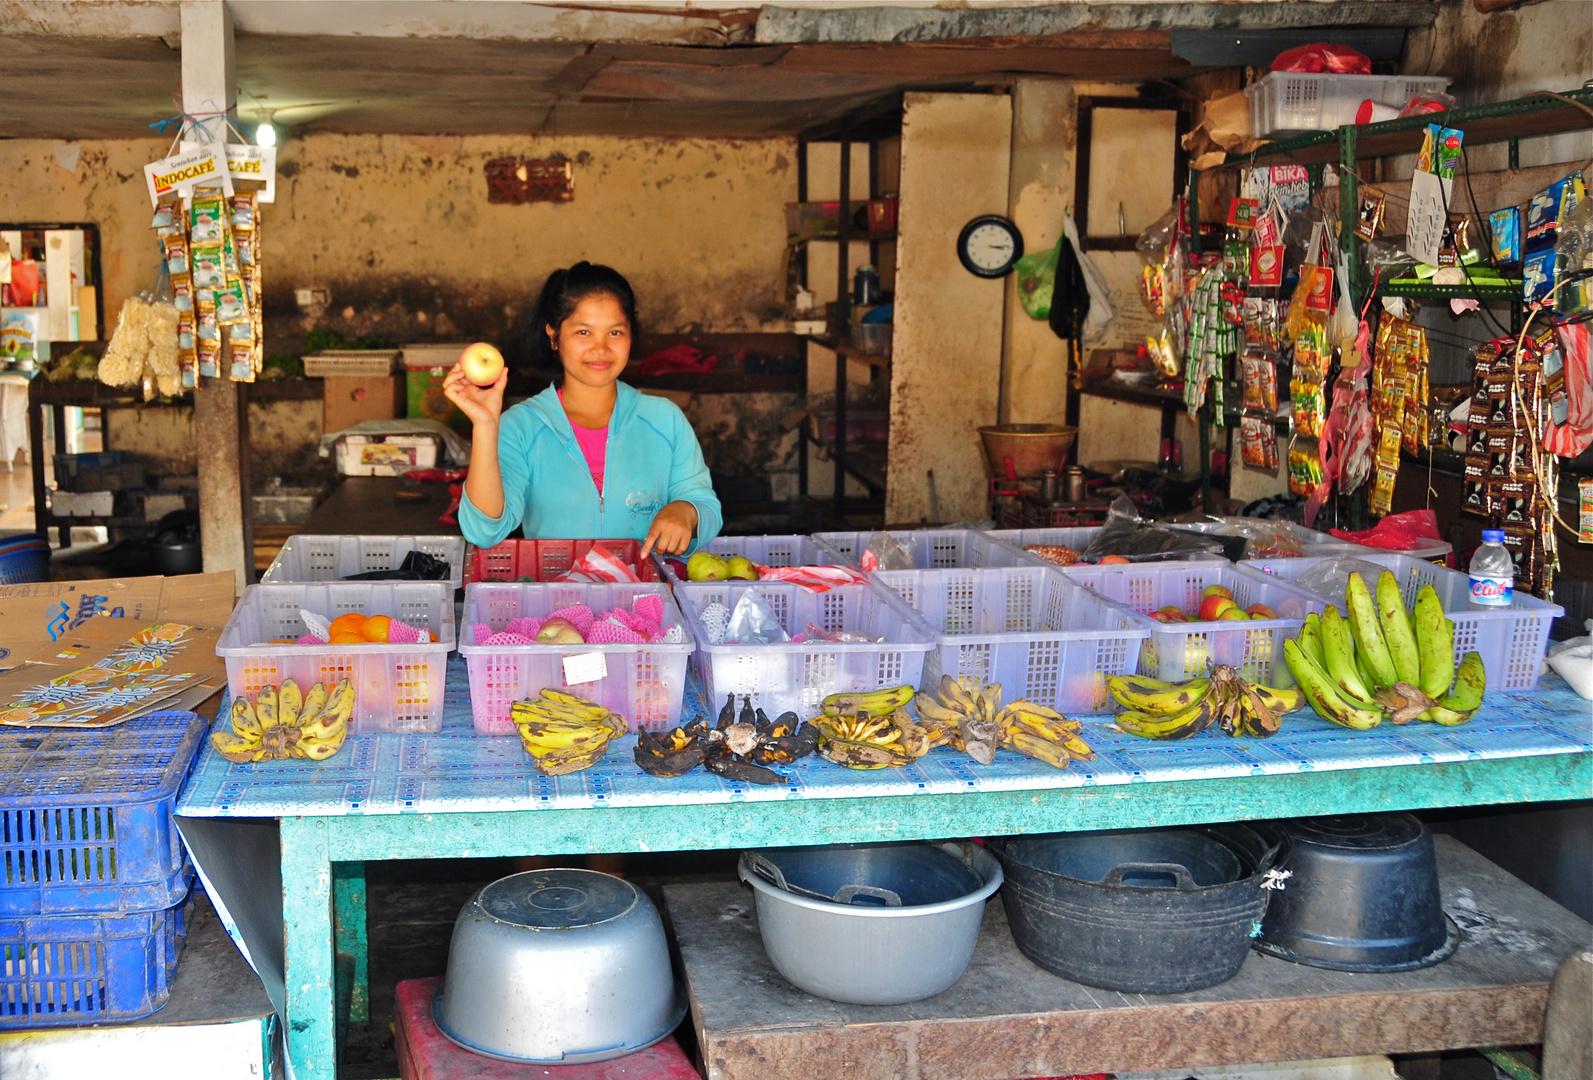 Die Obstverkäuferin in ihrem Geschäft